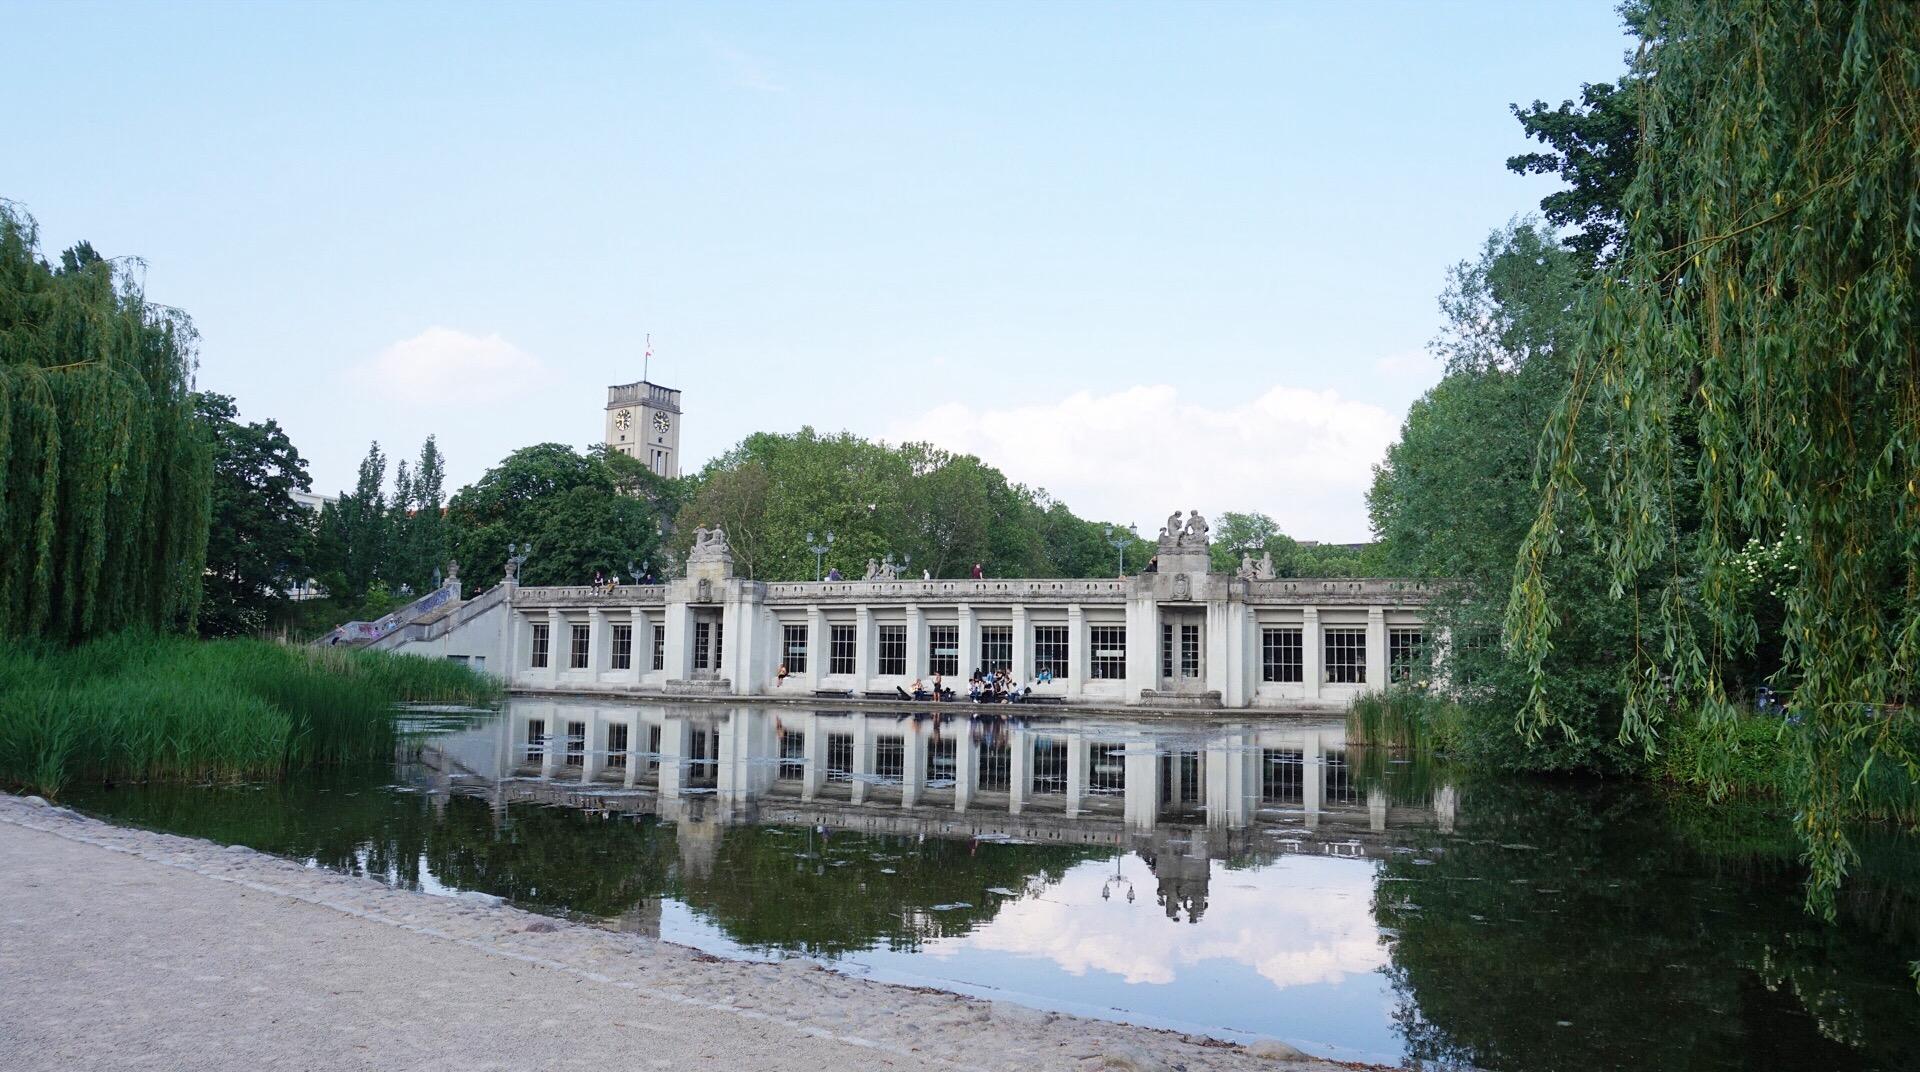 Volkspark Schöneberg-Wilmersdorf / Rudolph-Wilde-Parkpark, Kufsteiner Str., 10825 Berlin